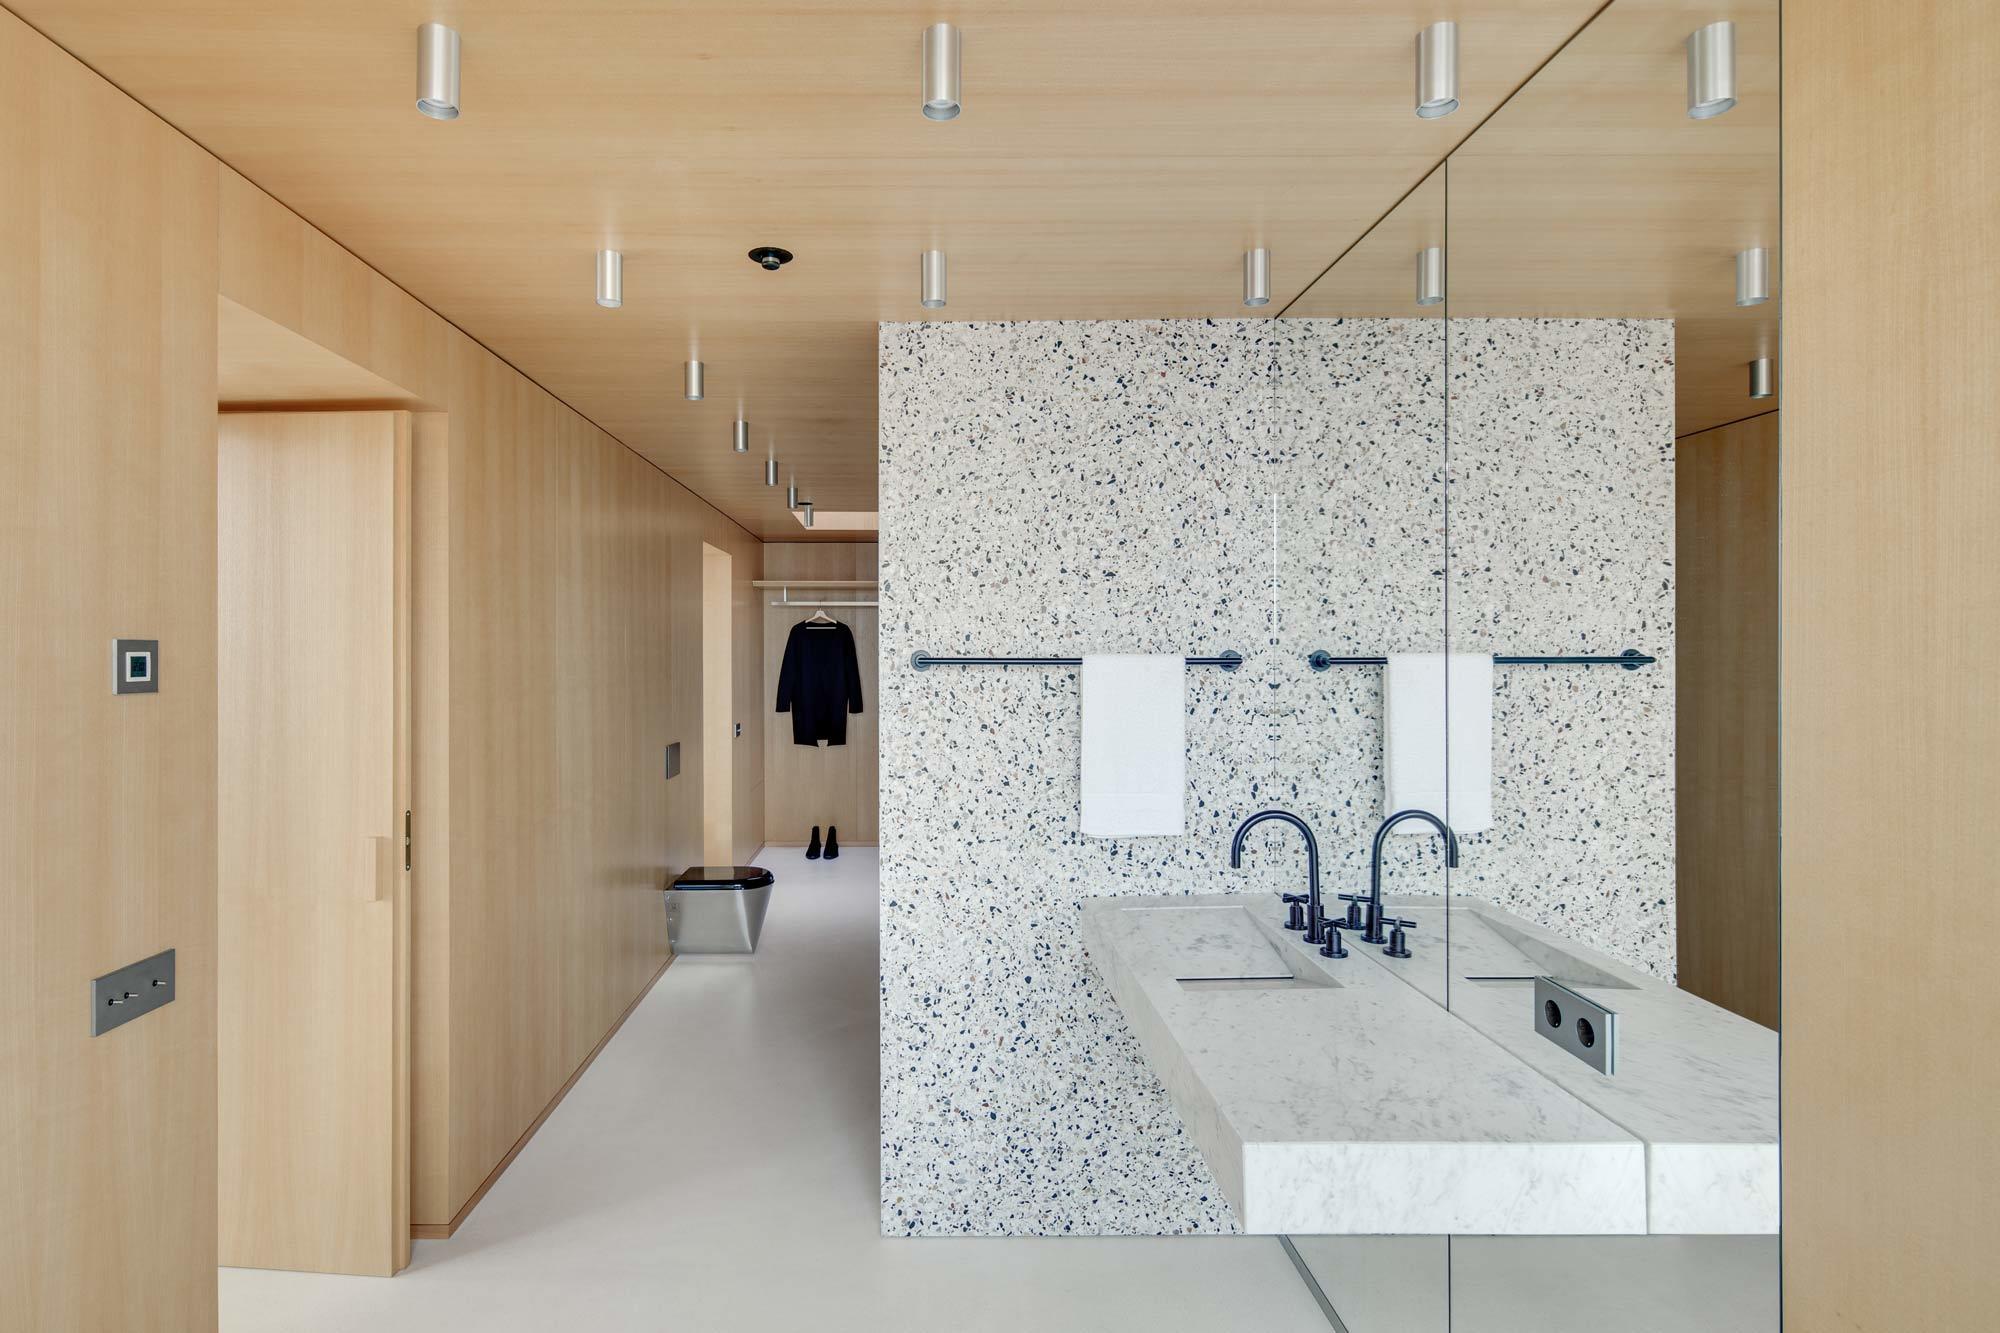 Ein Traum für Terrazzo-Fans ist die Wohnung von DO Architects in Litauen. Nicht nur im Wohnzimmer, auch im Bad zeigt sich die Freude an dem Material. Dort dient eine bunte Terrazzo-Wand als Sichtschutz. Foto: Norbert Tukaj